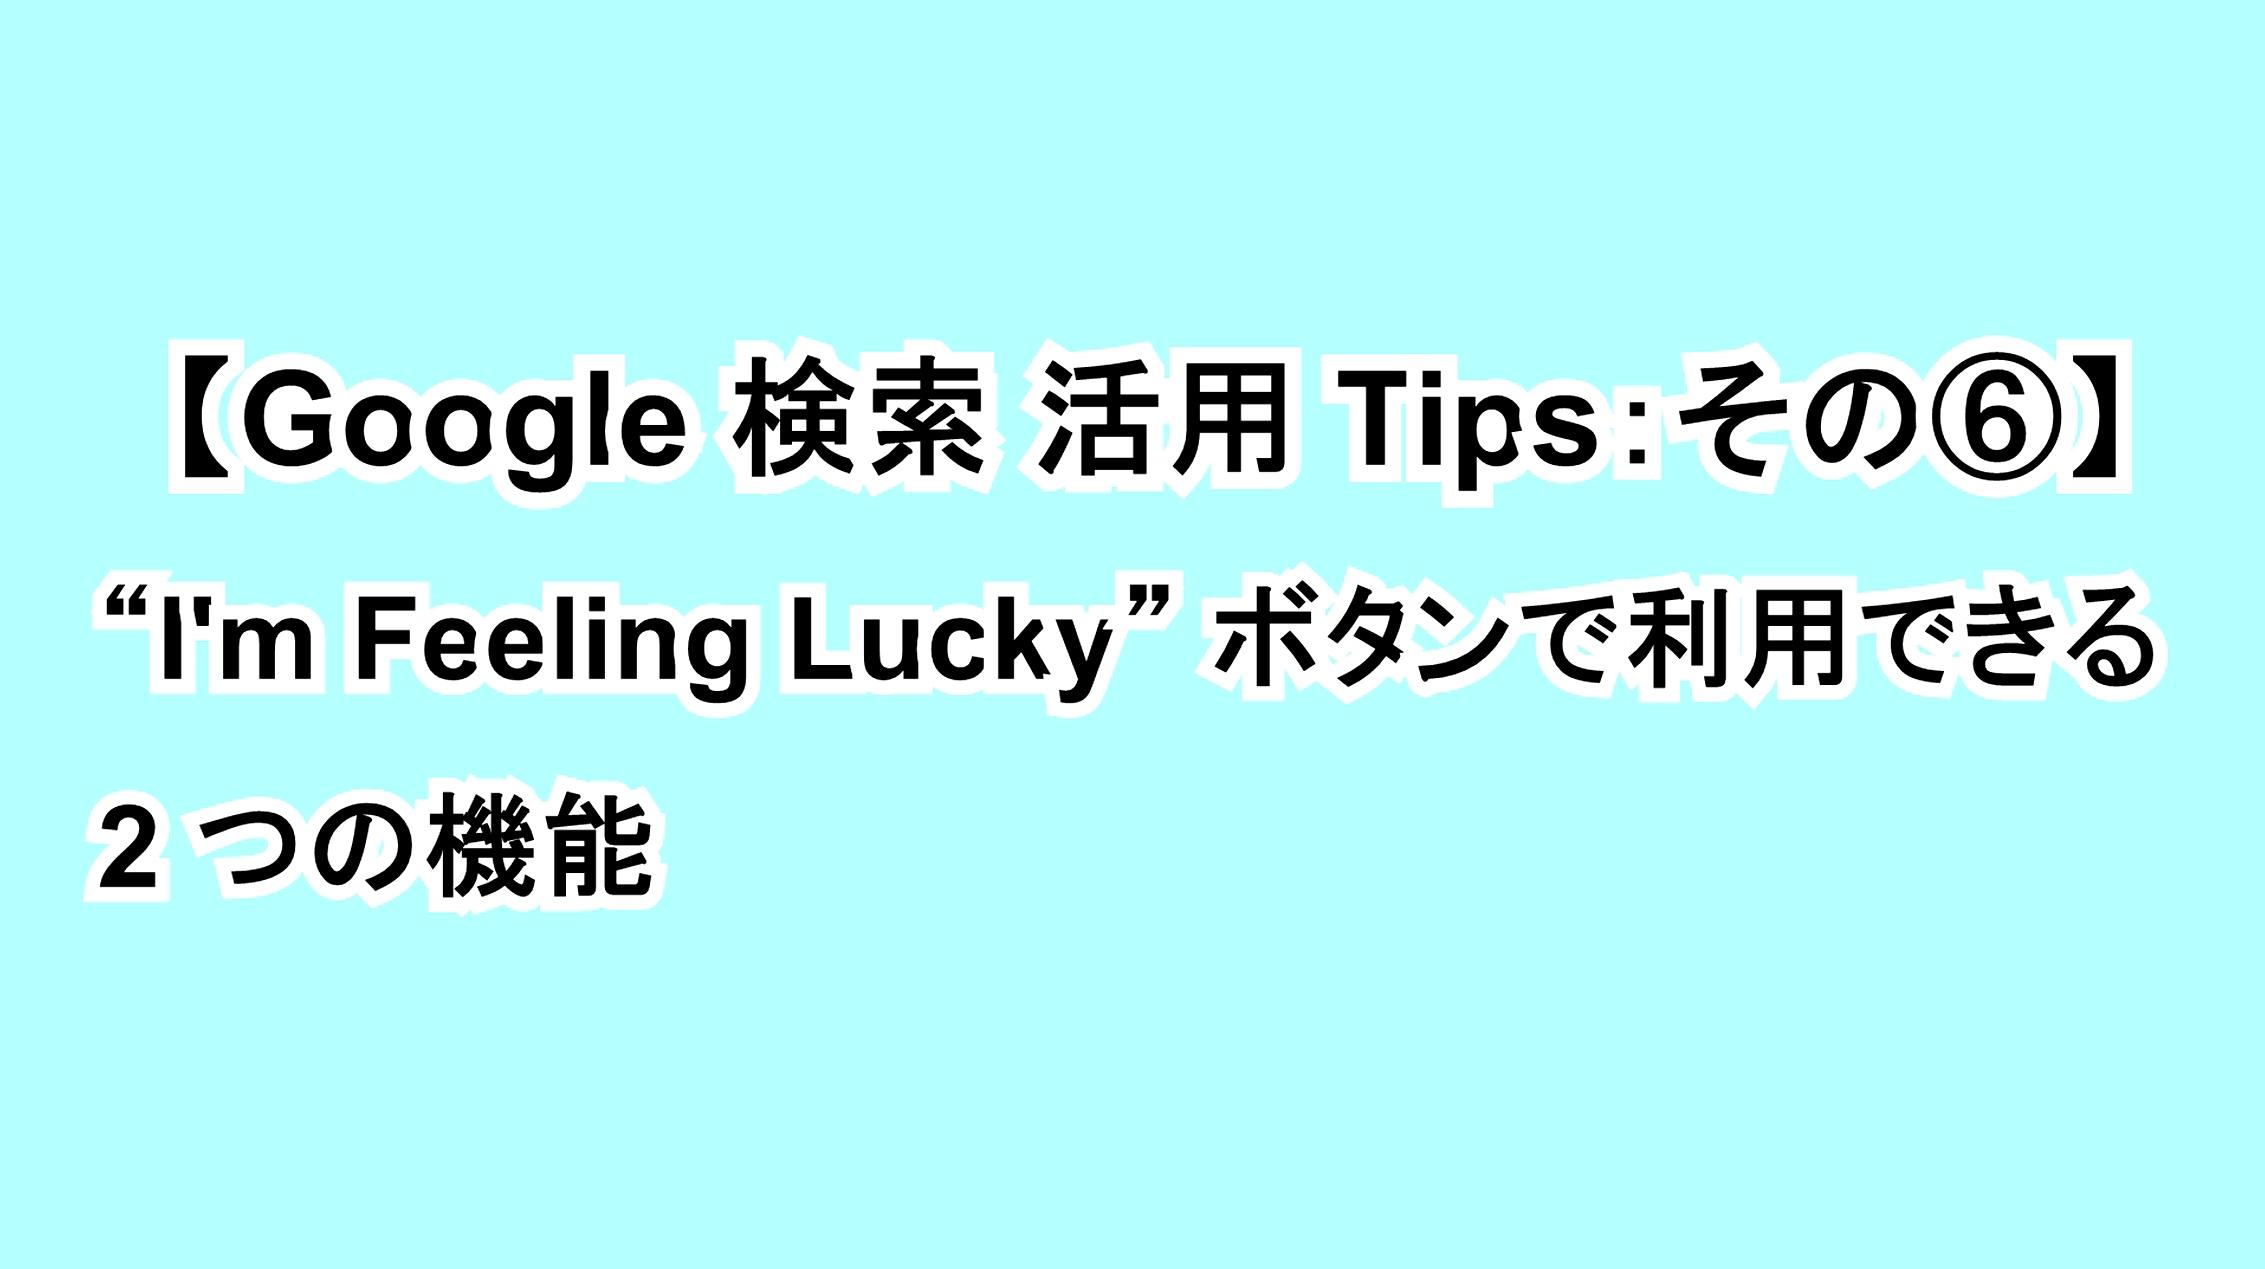 """【Google 検索活用Tips:その⑥】""""I'm Feeling Lucky""""ボタンで利用できる2つの機能"""